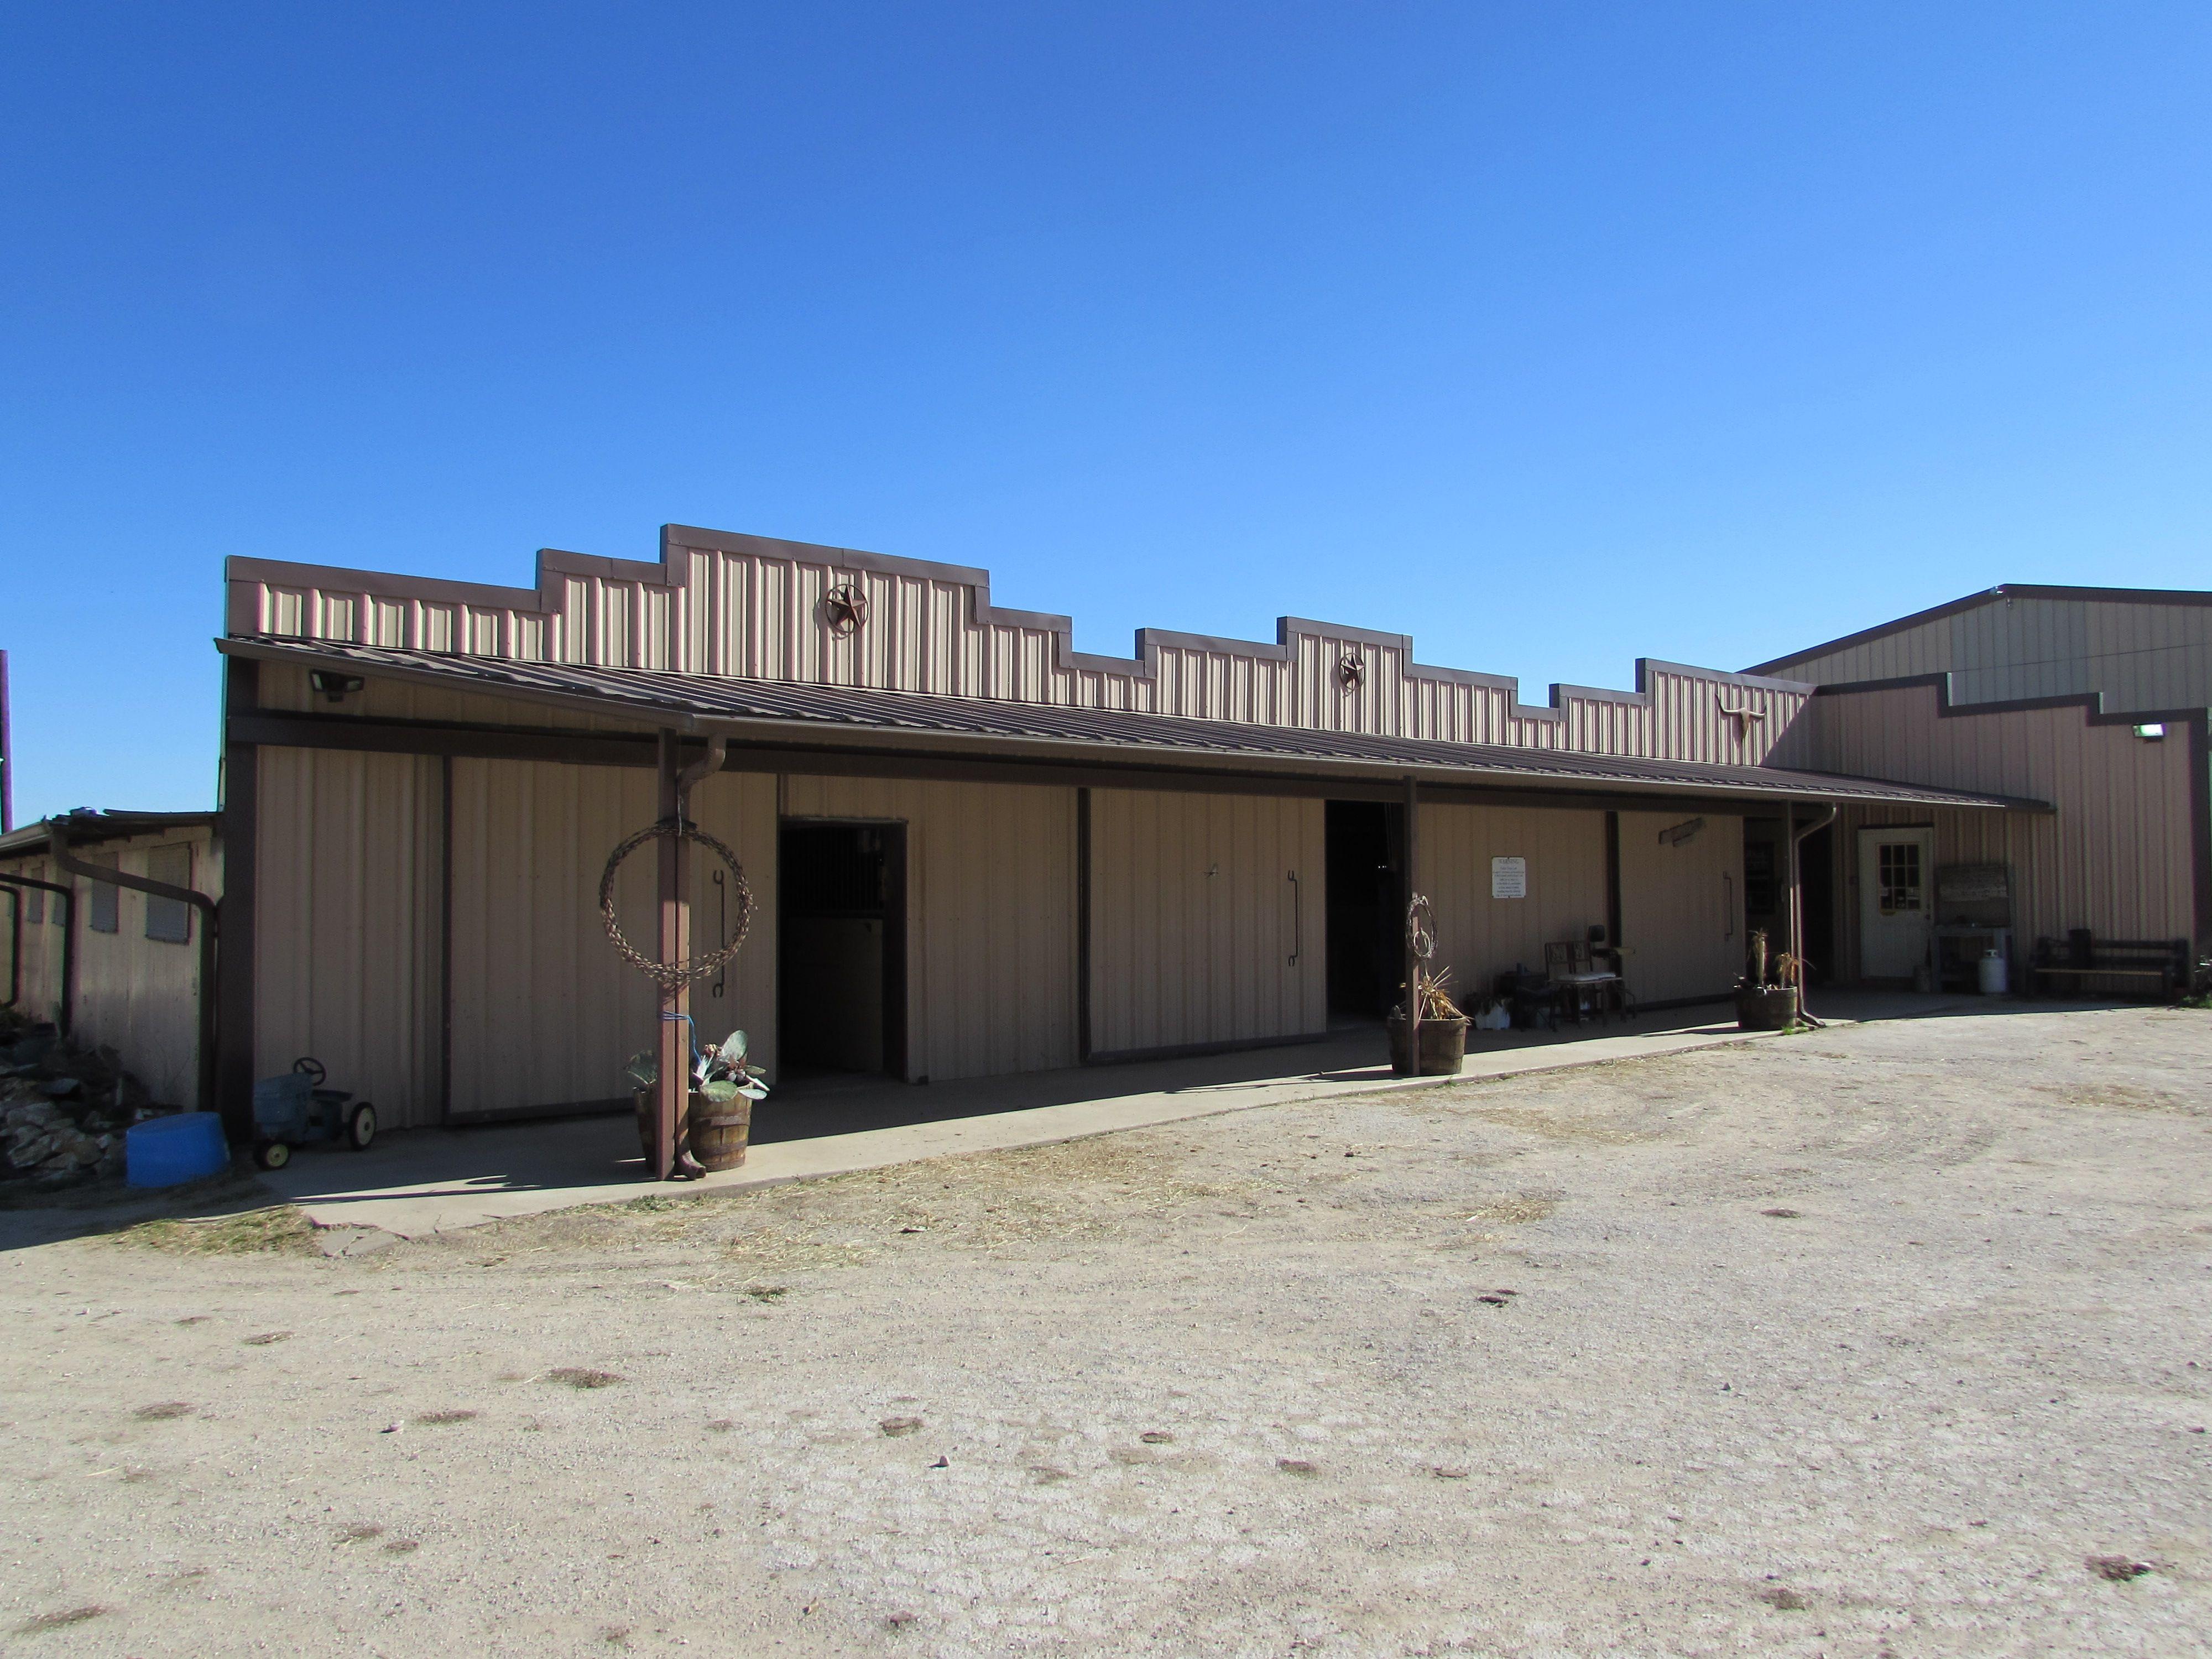 35 horse stalls 12 mare stalls shaving bin barn covered